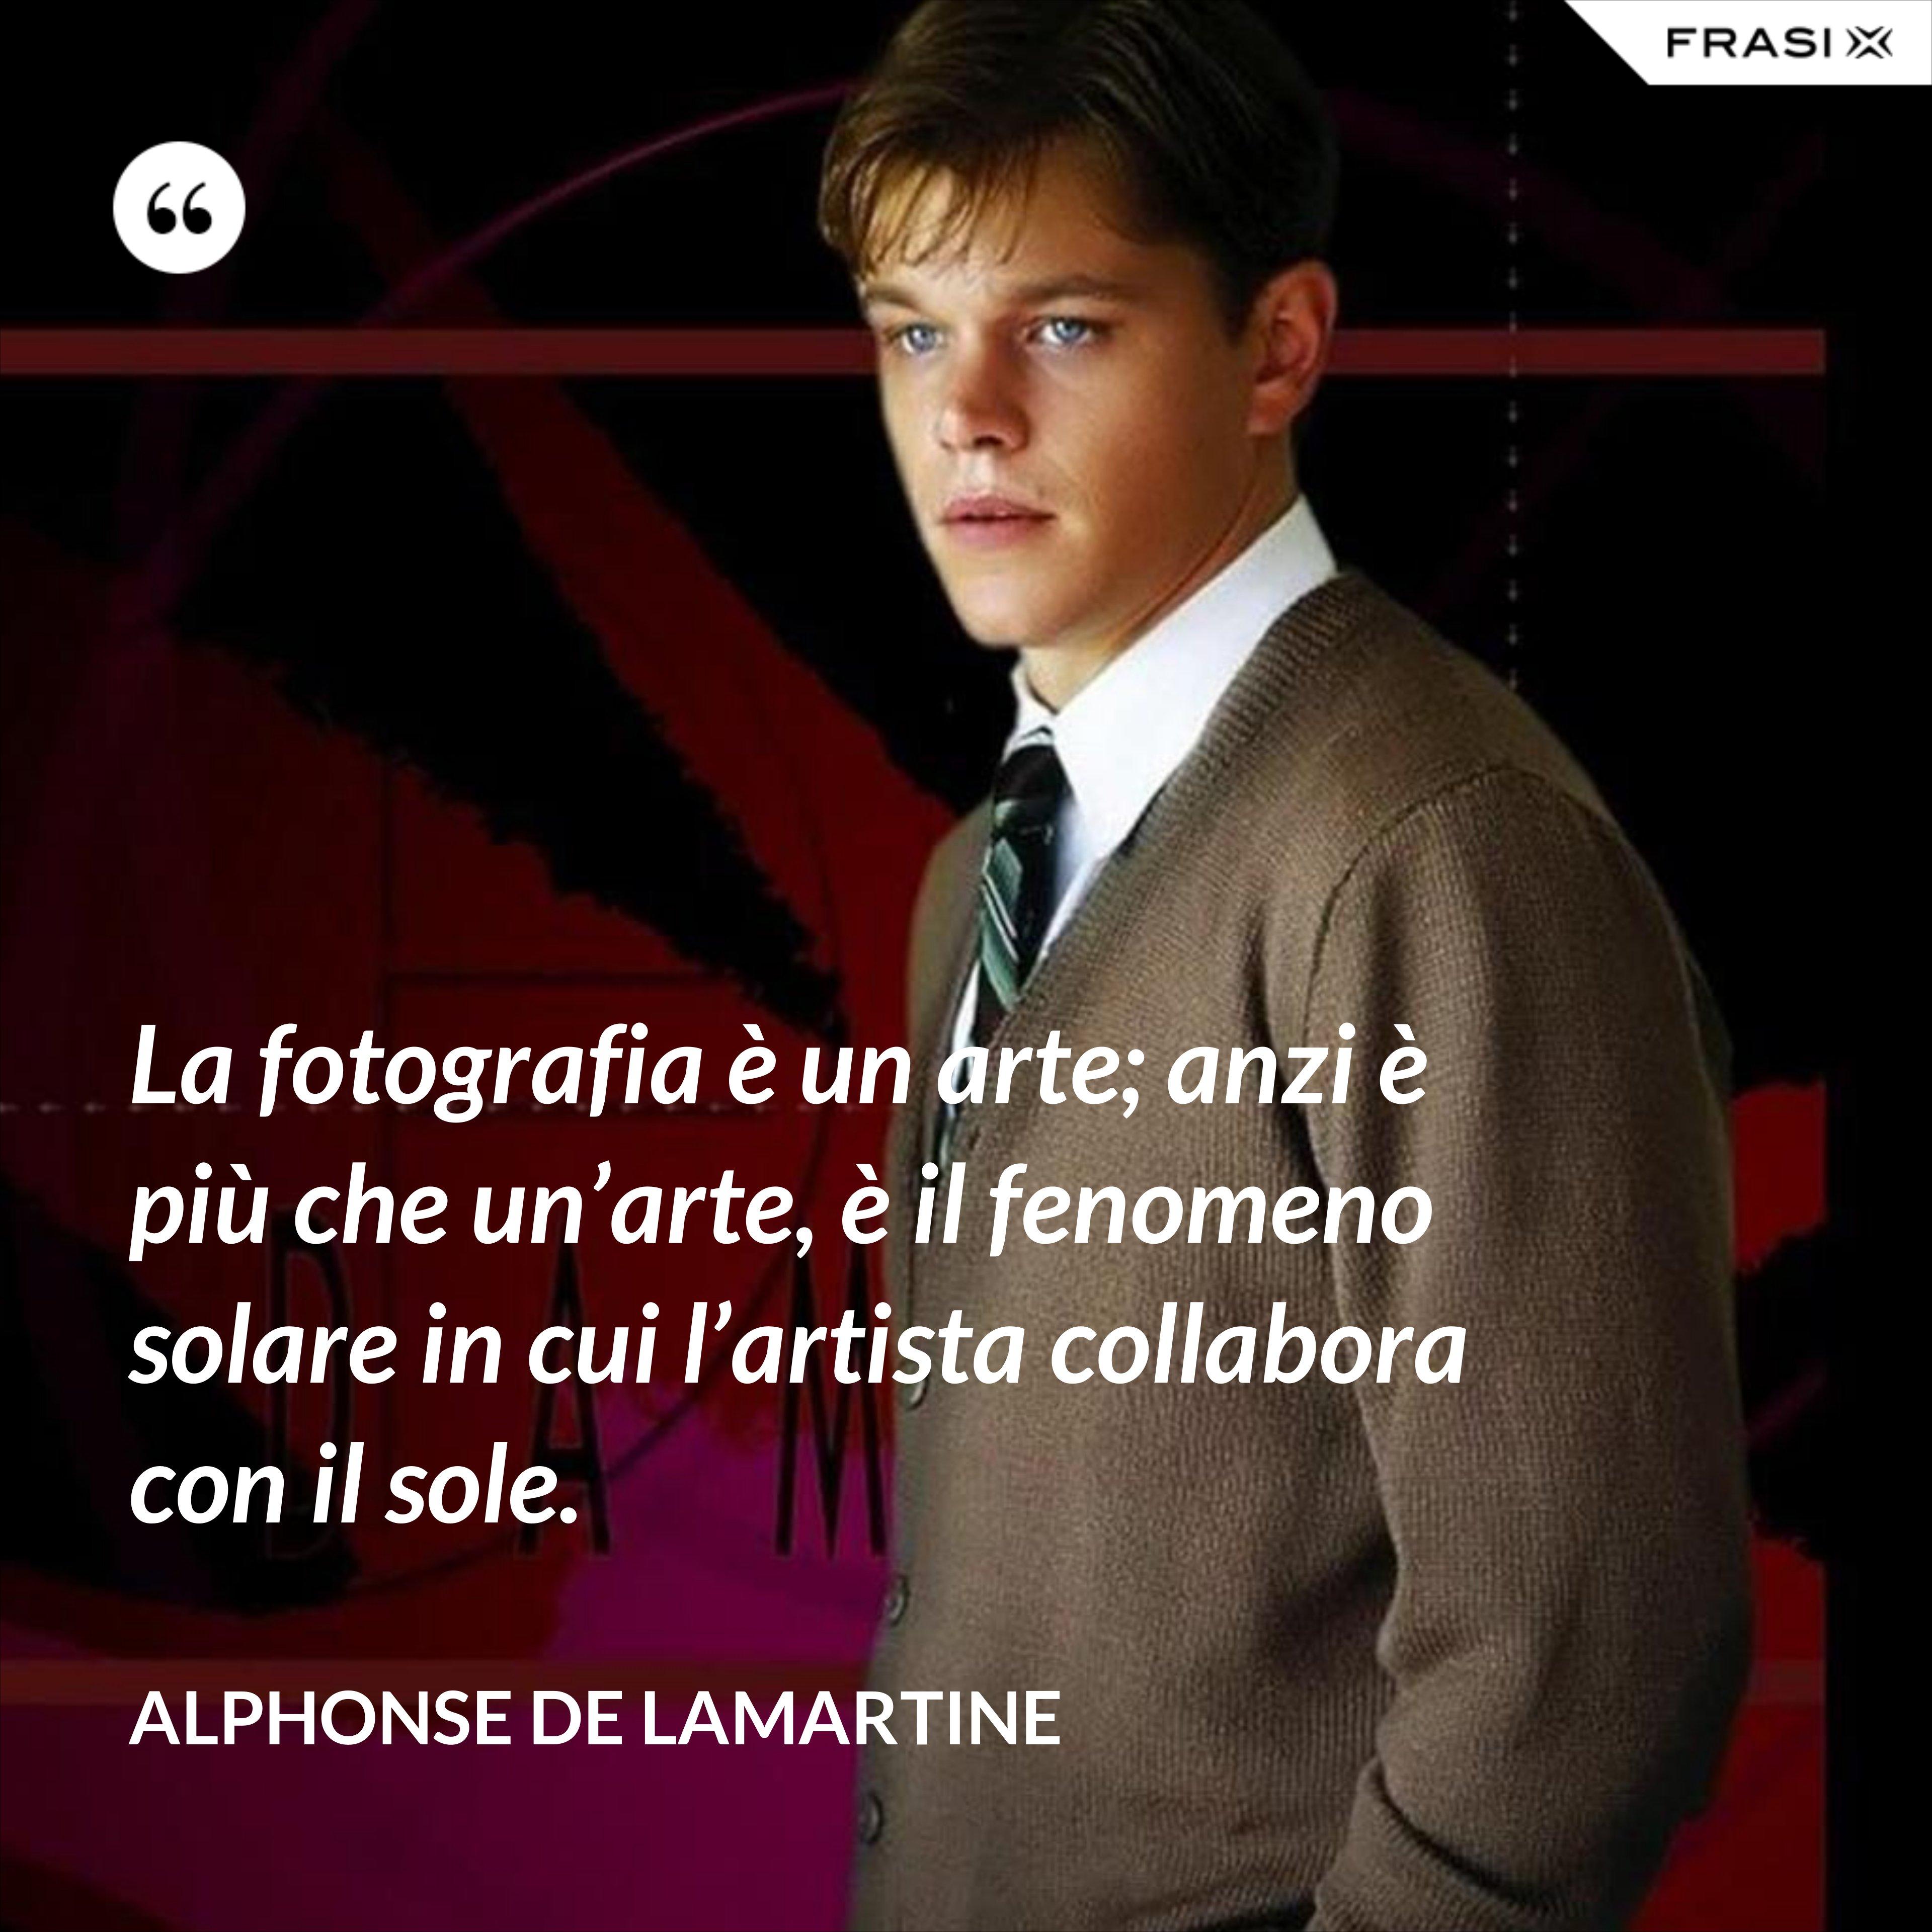 La fotografia è un arte; anzi è più che un'arte, è il fenomeno solare in cui l'artista collabora con il sole. - Alphonse de Lamartine